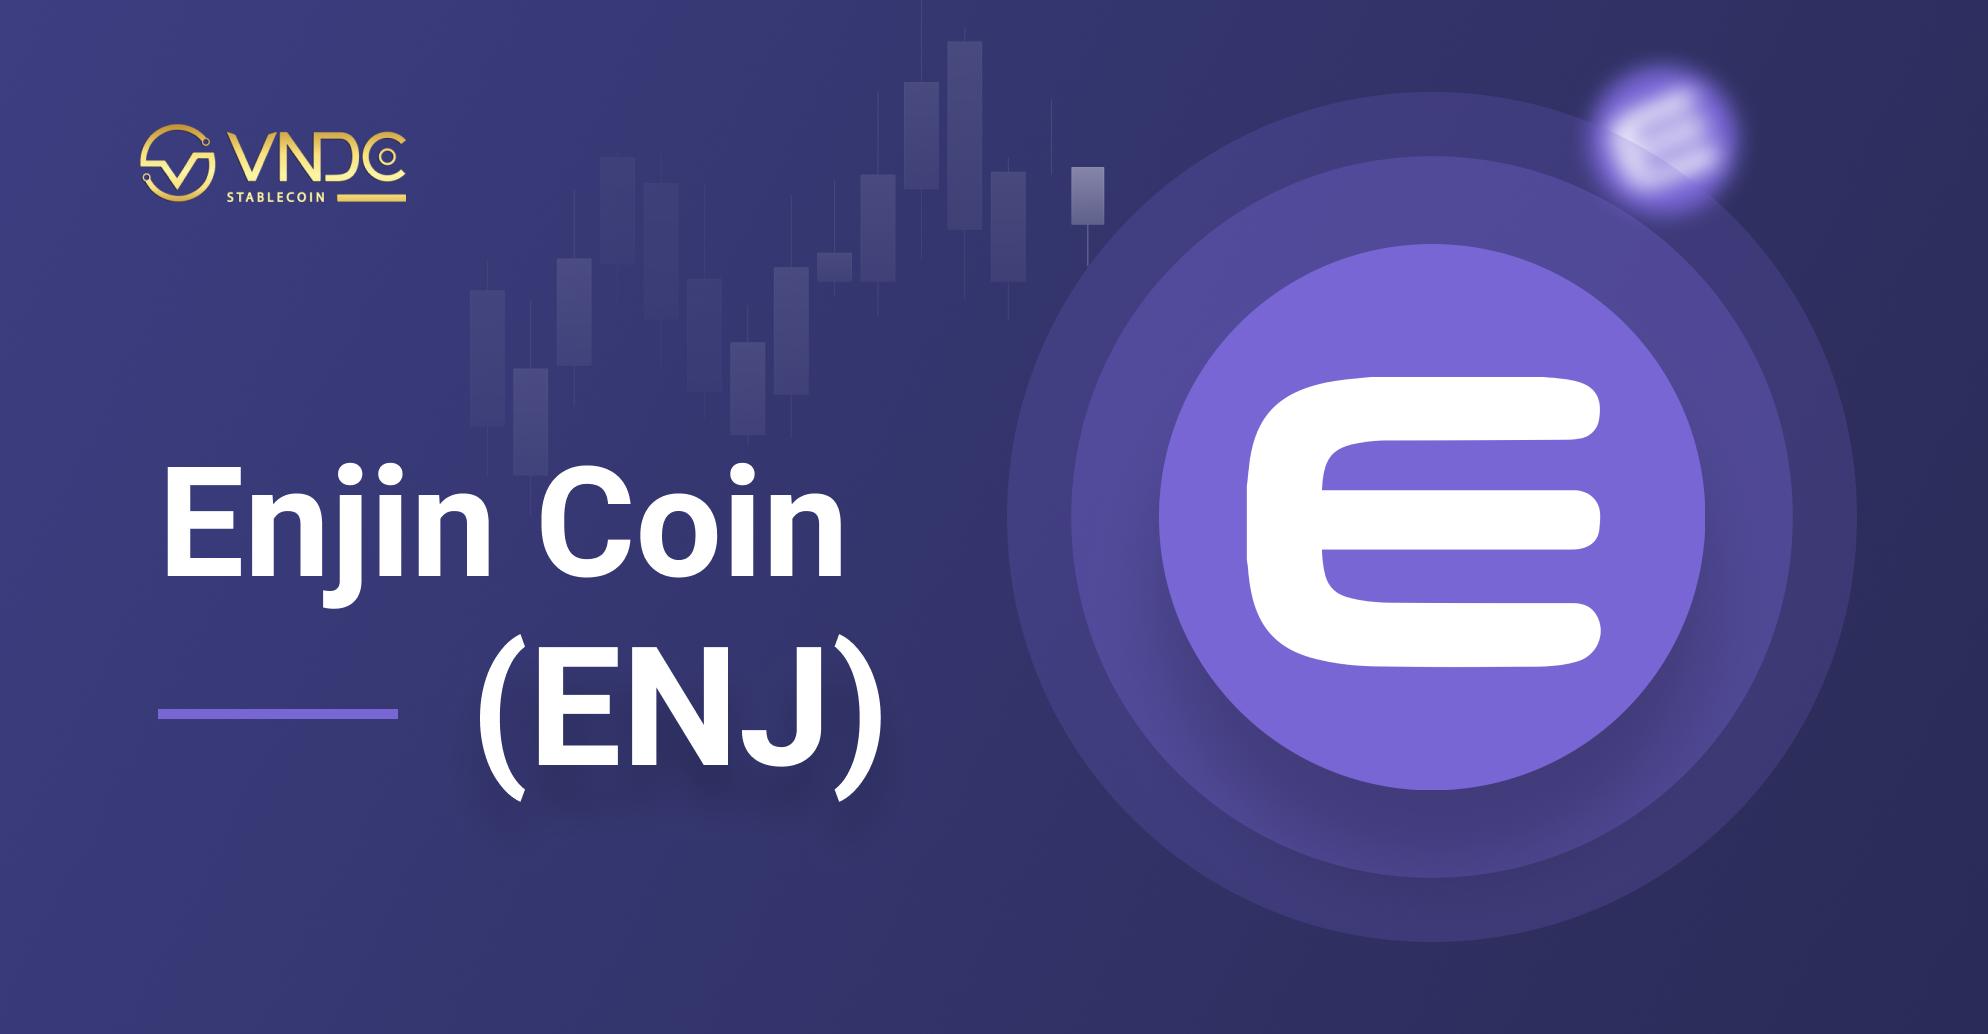 Chính thức niêm yết ENJ Token trên VNDC Wallet